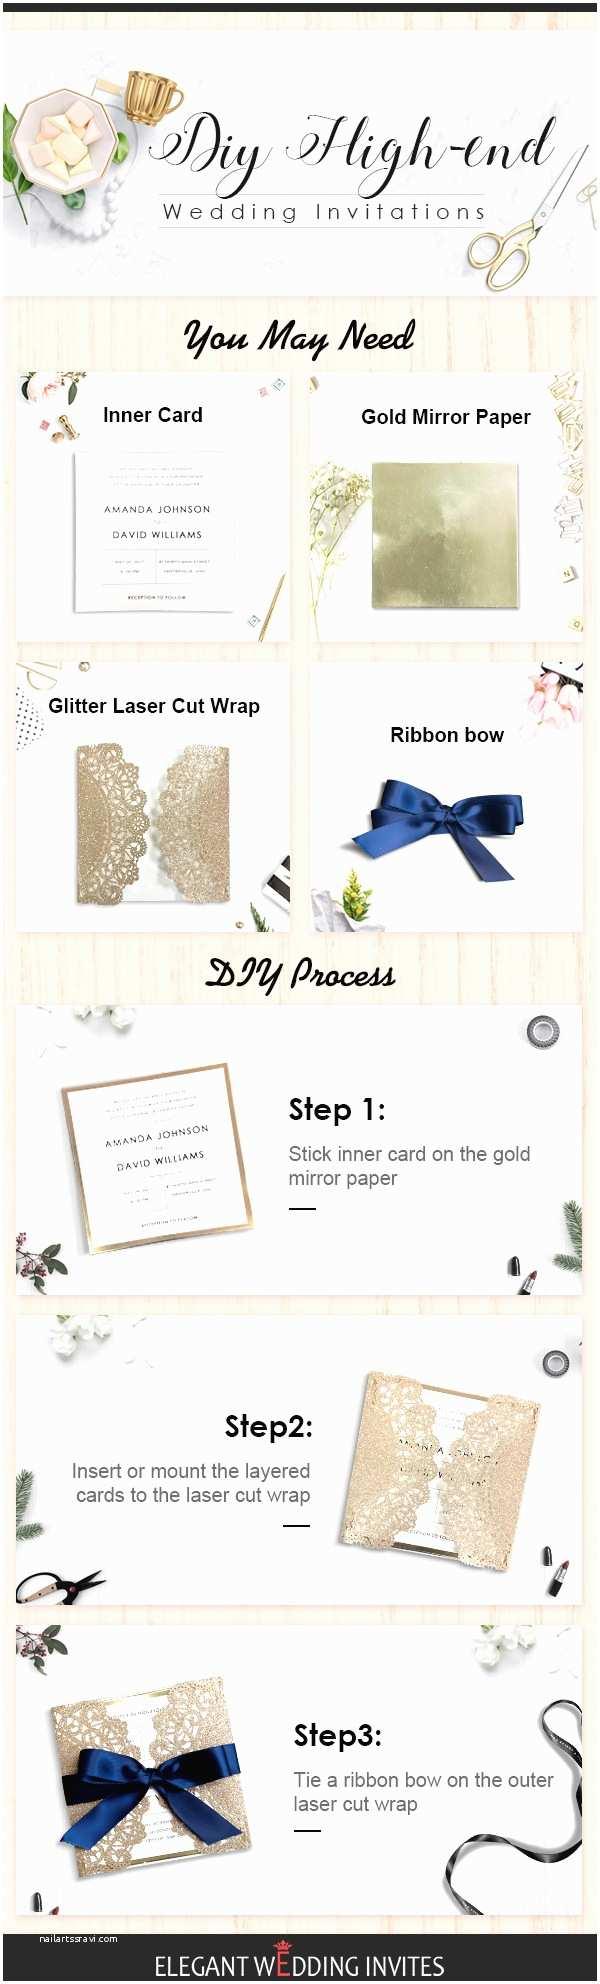 High End Wedding Invitations top 6 Diy Wedding Invitations Ideas by Elegant Wedding